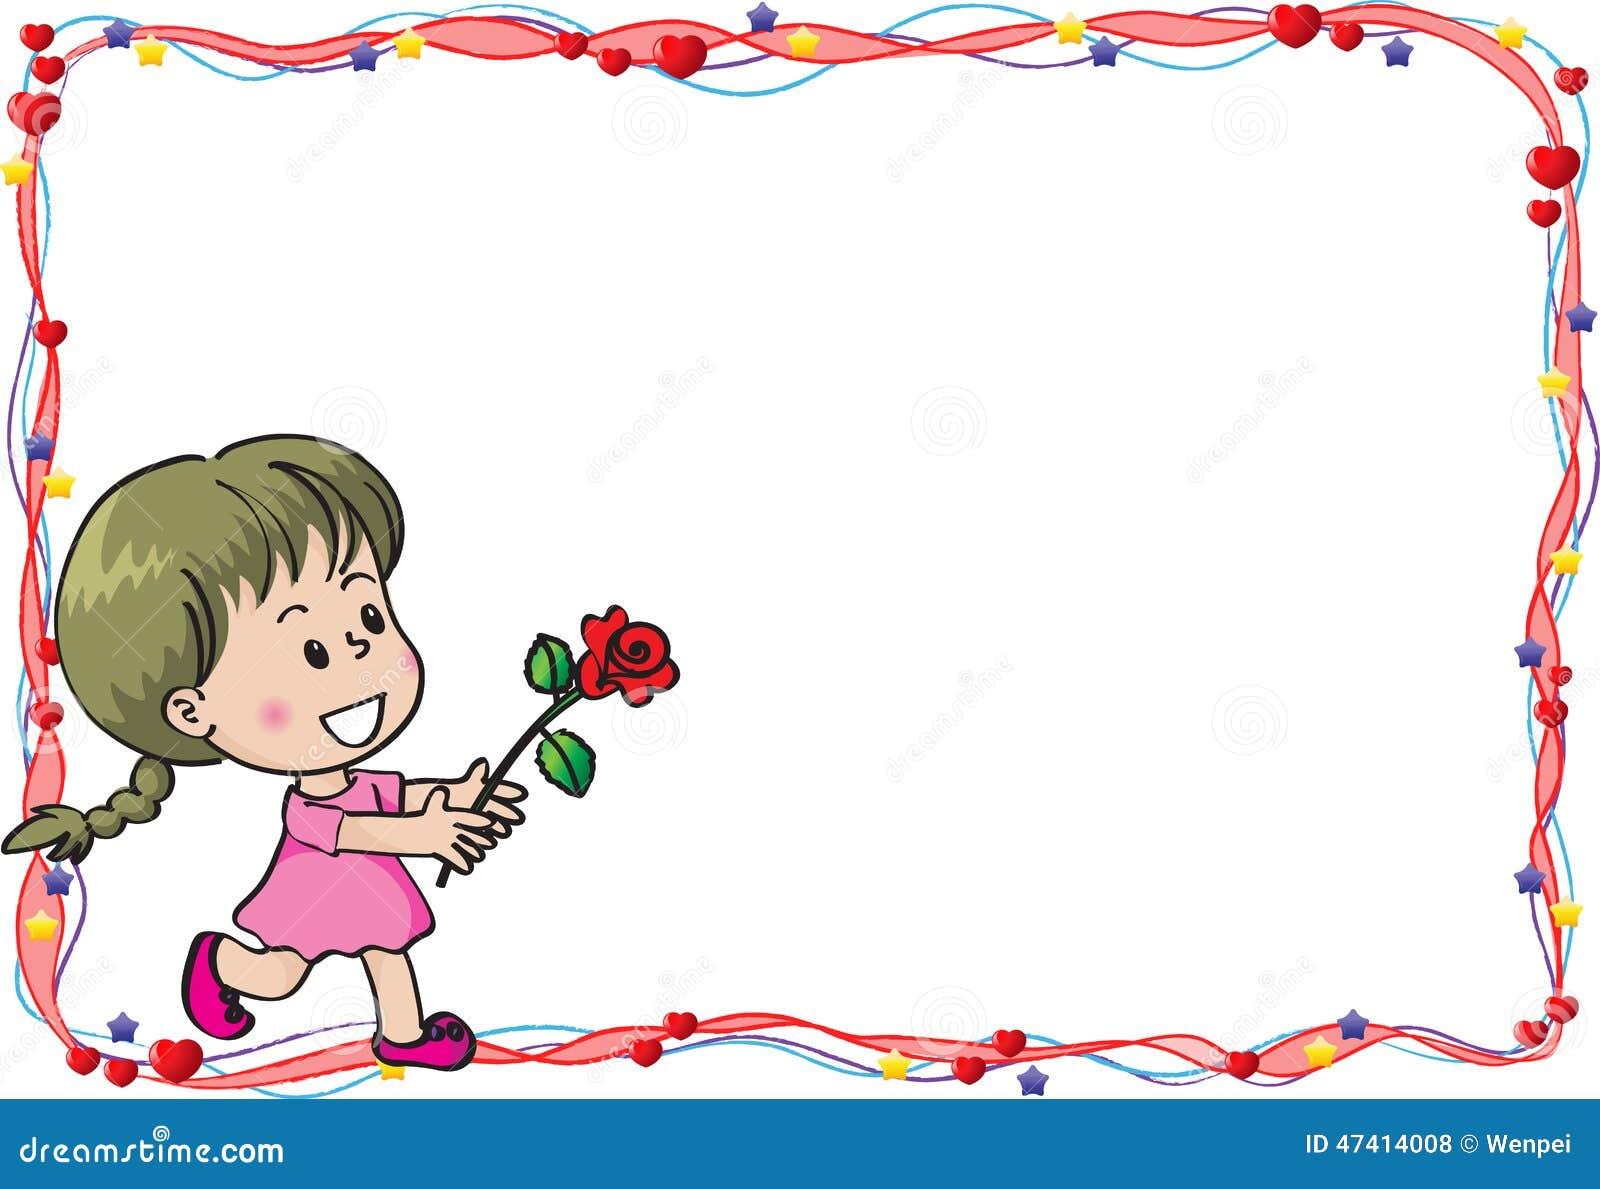 Card border frame stock illustration. Illustration of merry - 47414008